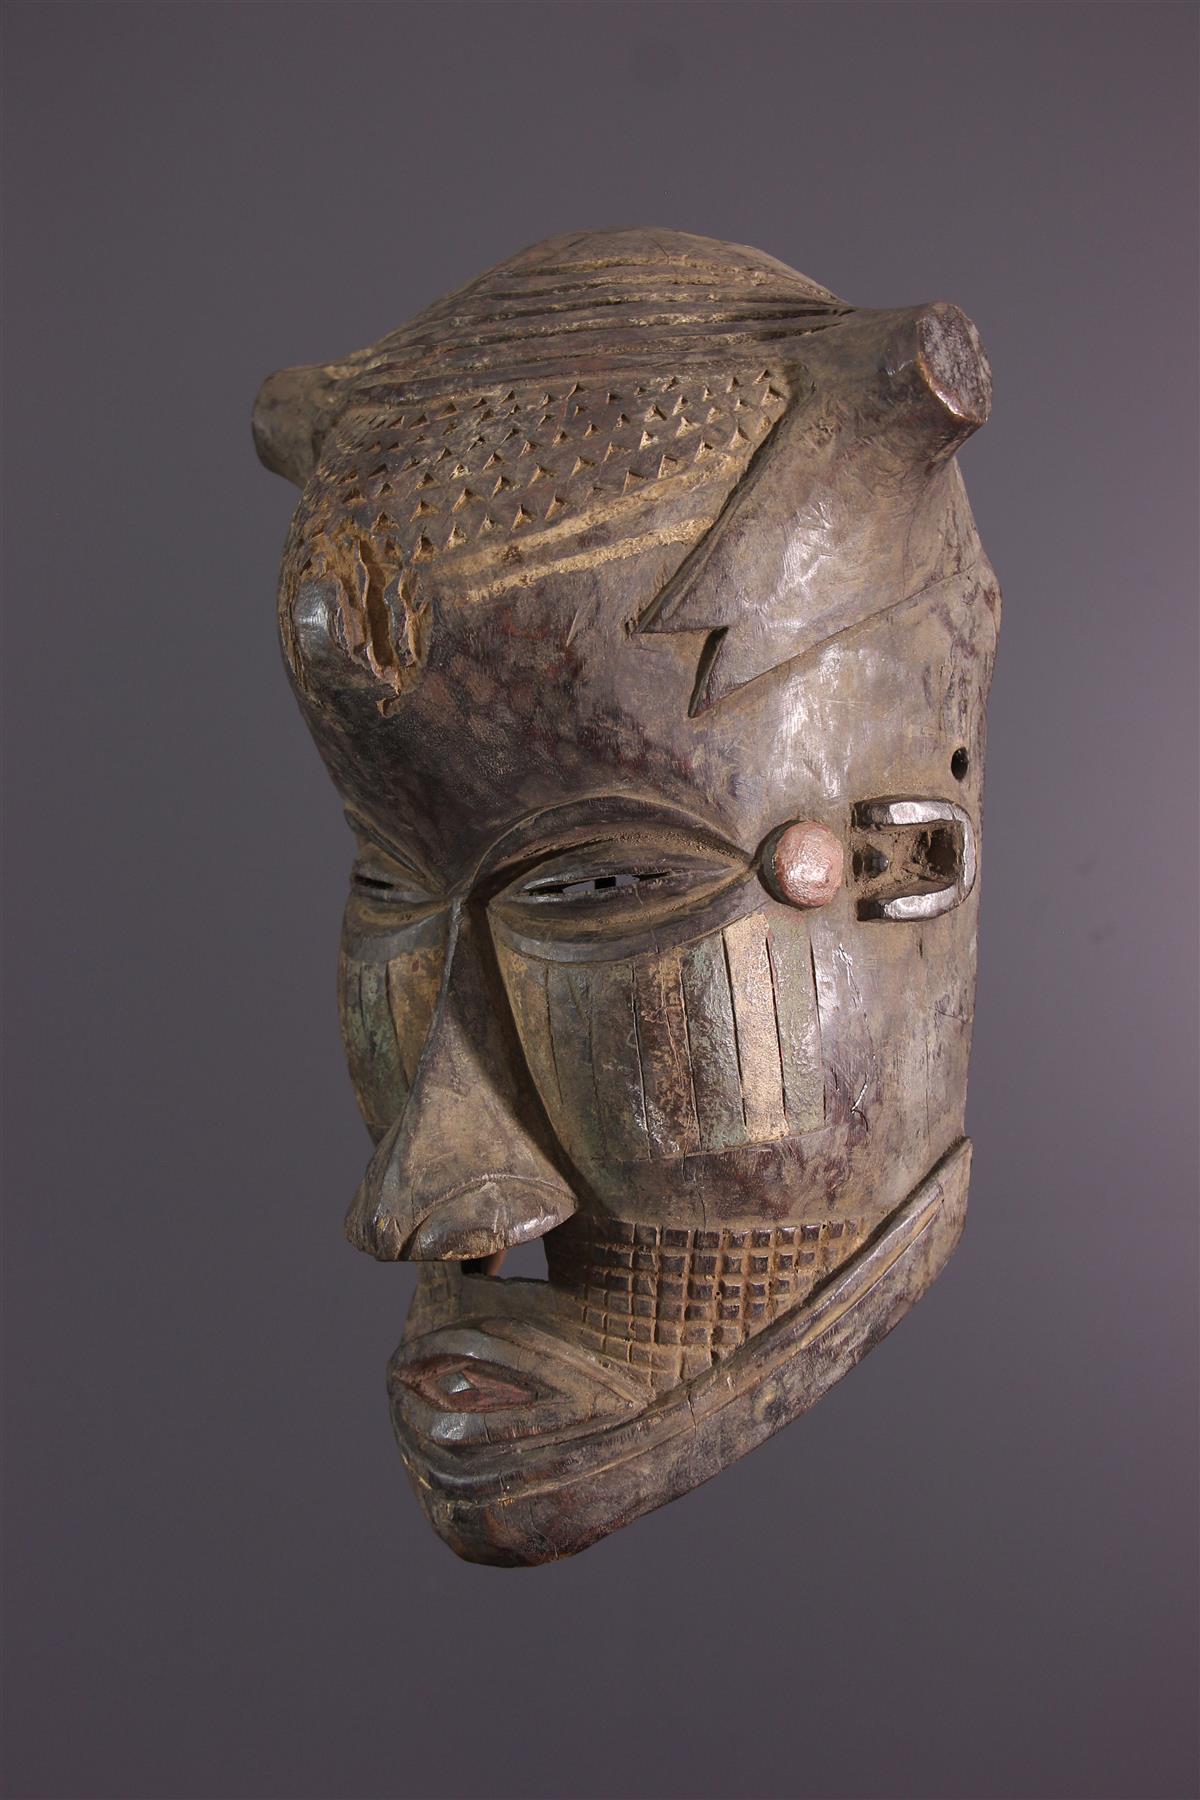 Masque Cuba - African art